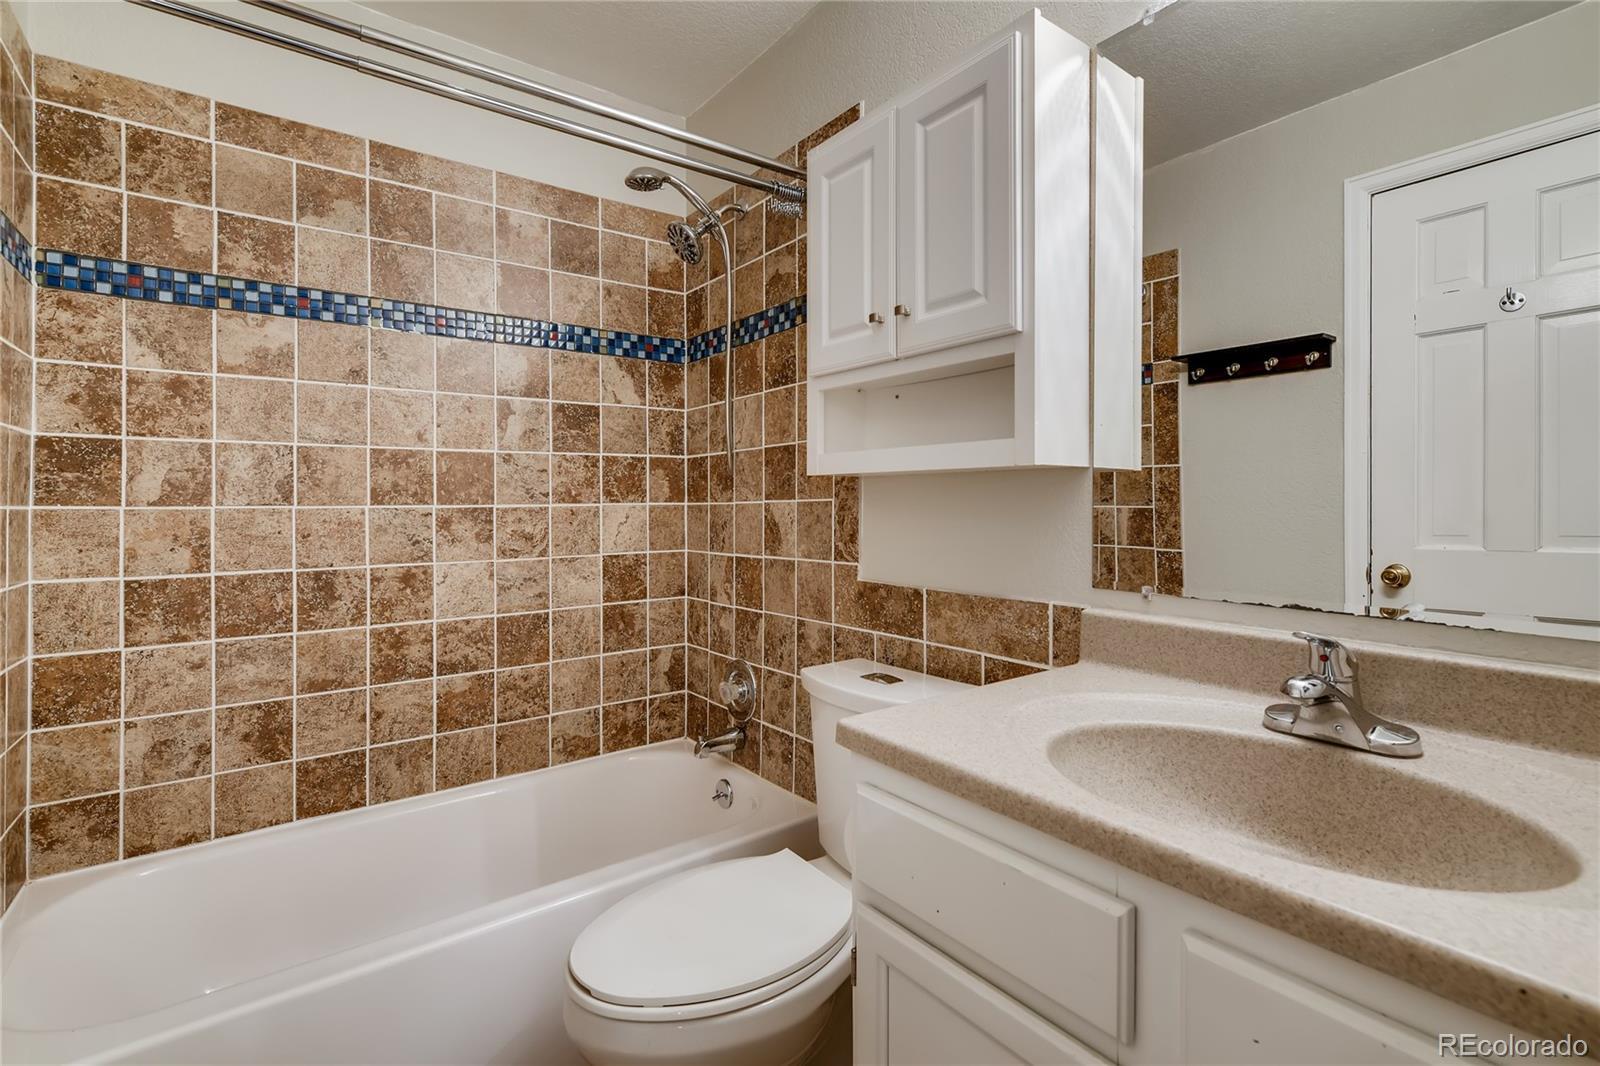 MLS# 2286573 - 10 - 836 S Vance Street #A, Lakewood, CO 80226